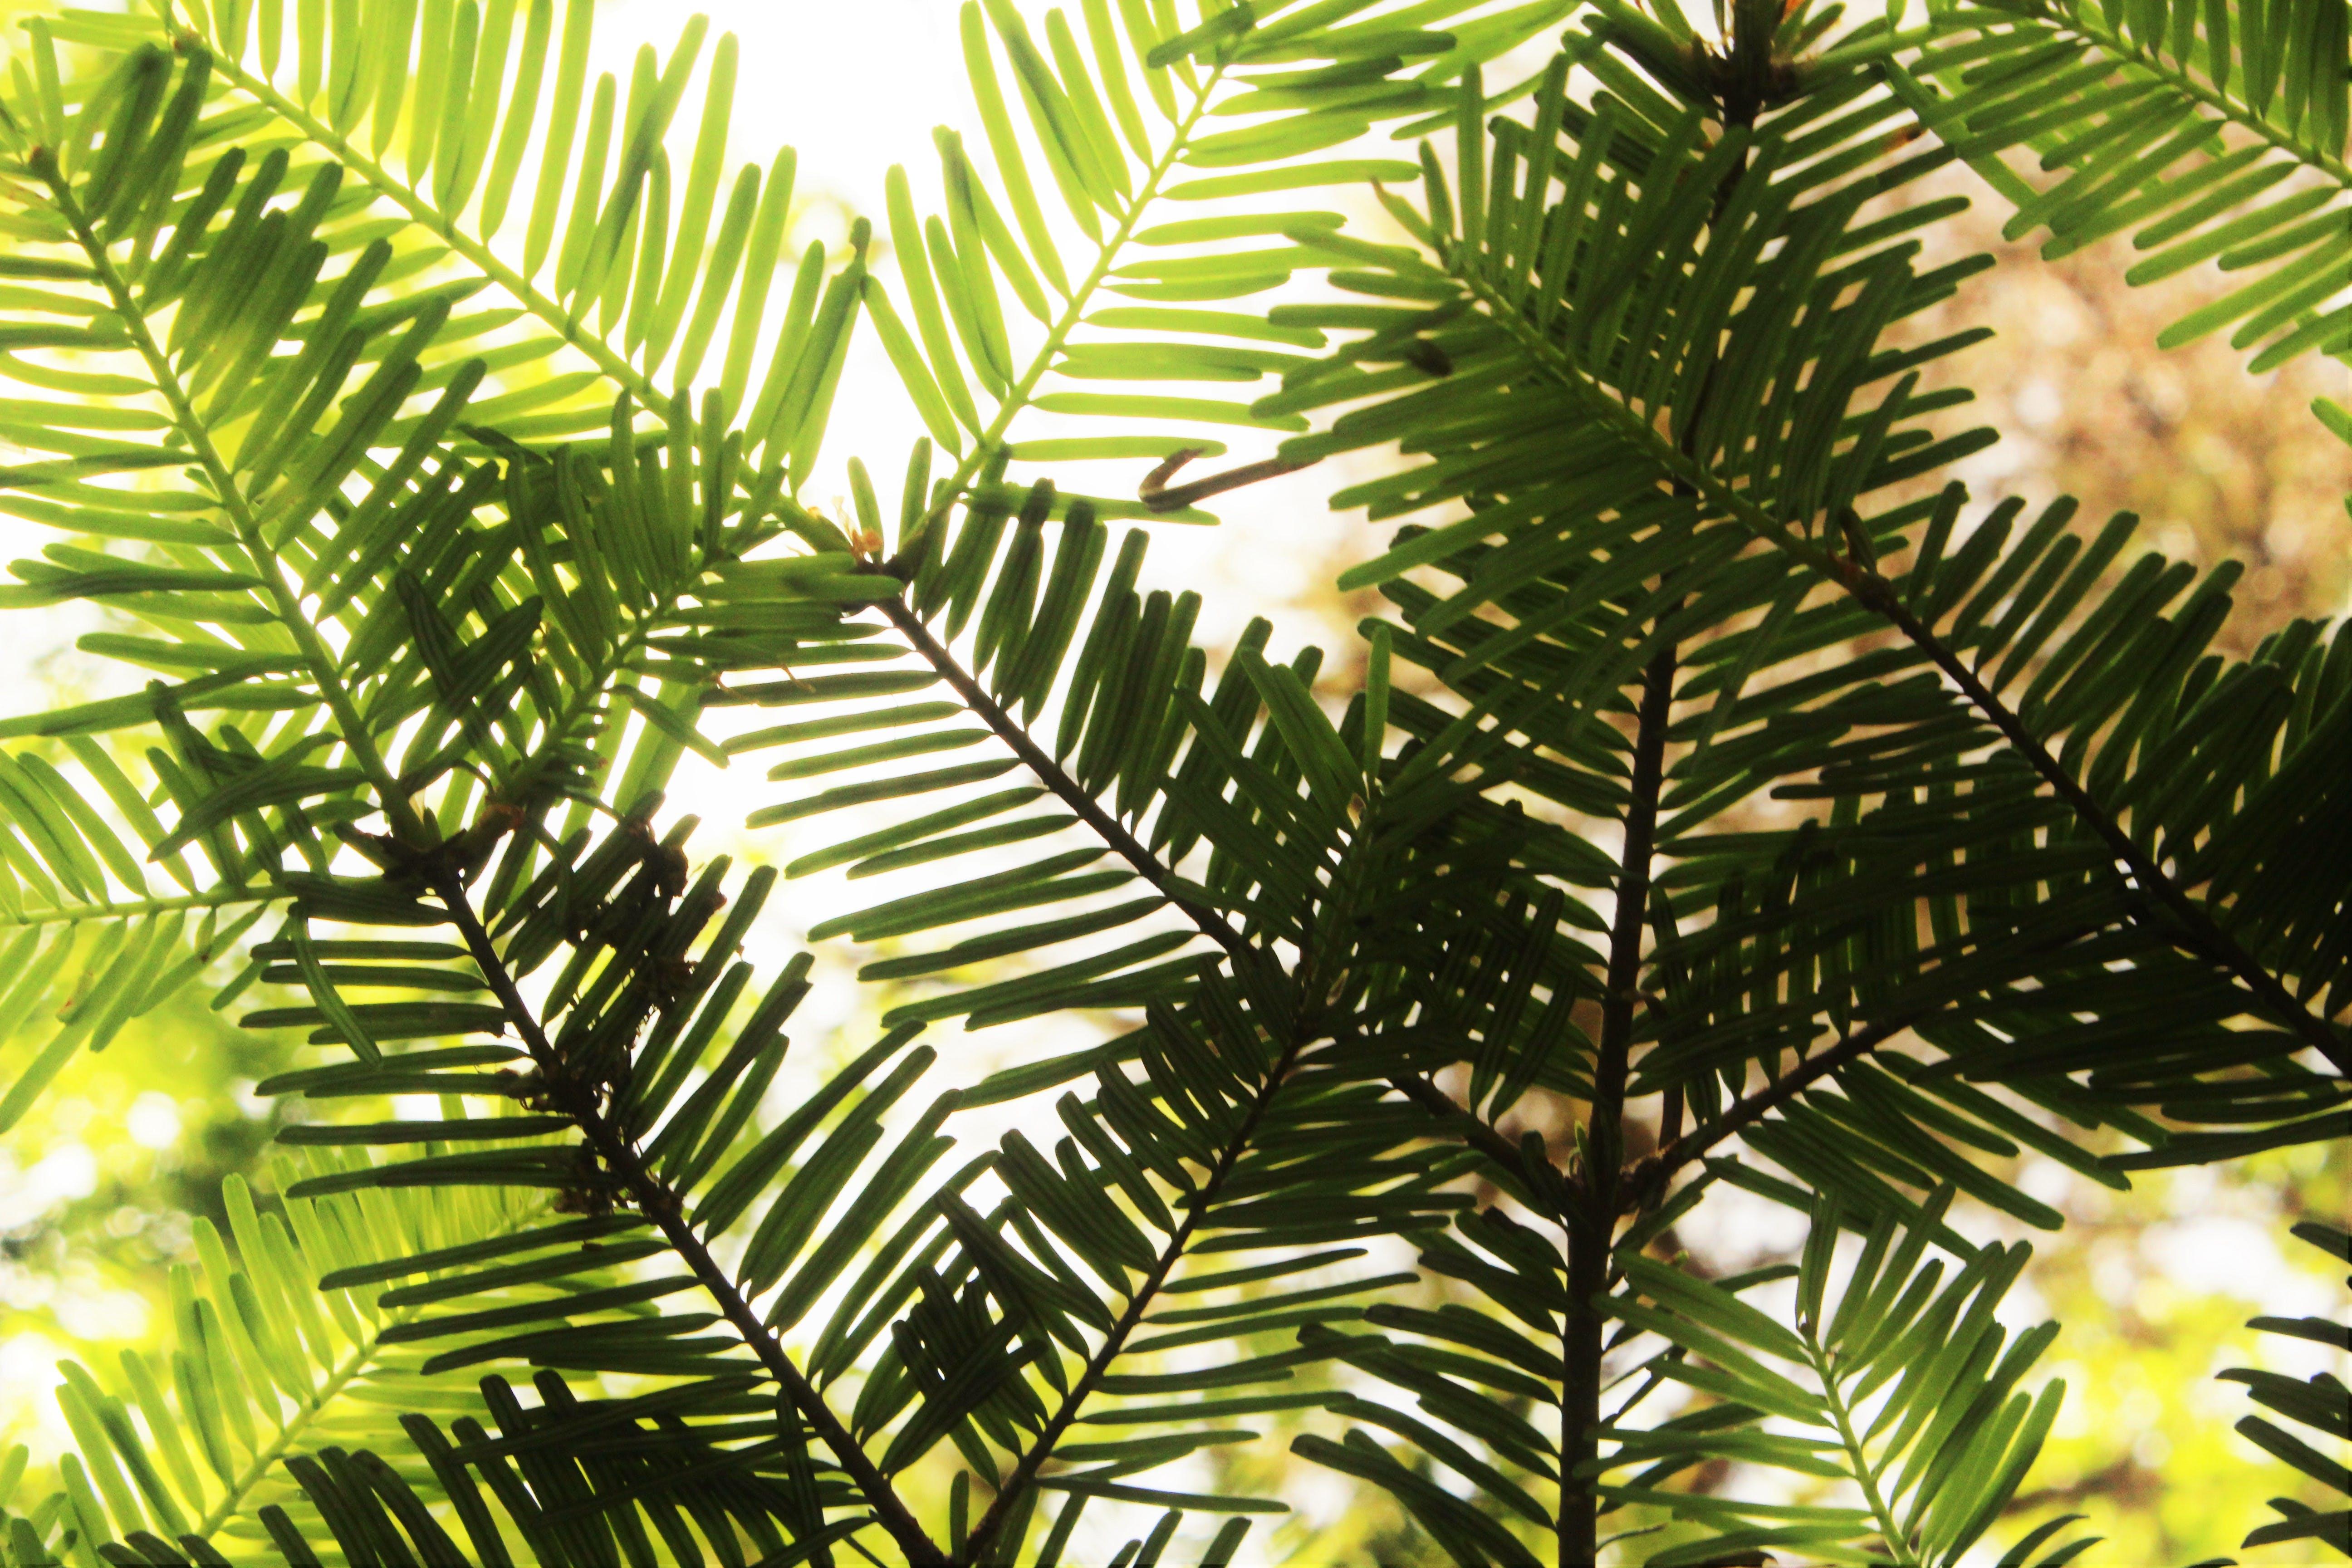 Free stock photo of pine trees, pine needle